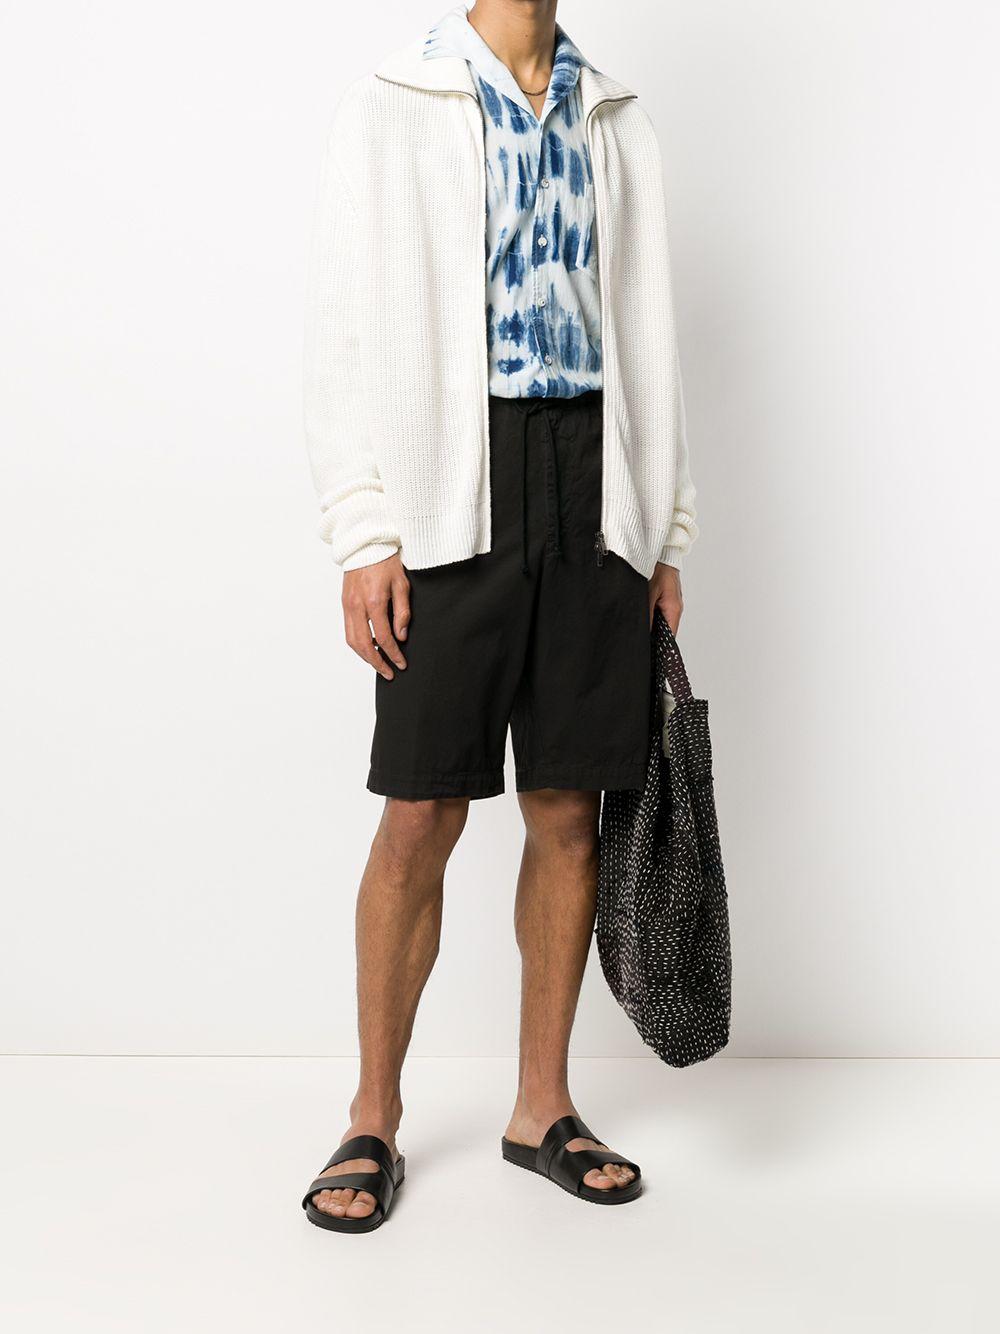 ANN DEMEULEMEESTER ANN DEMEULEMEESTER | Sweaters | 20074004252002